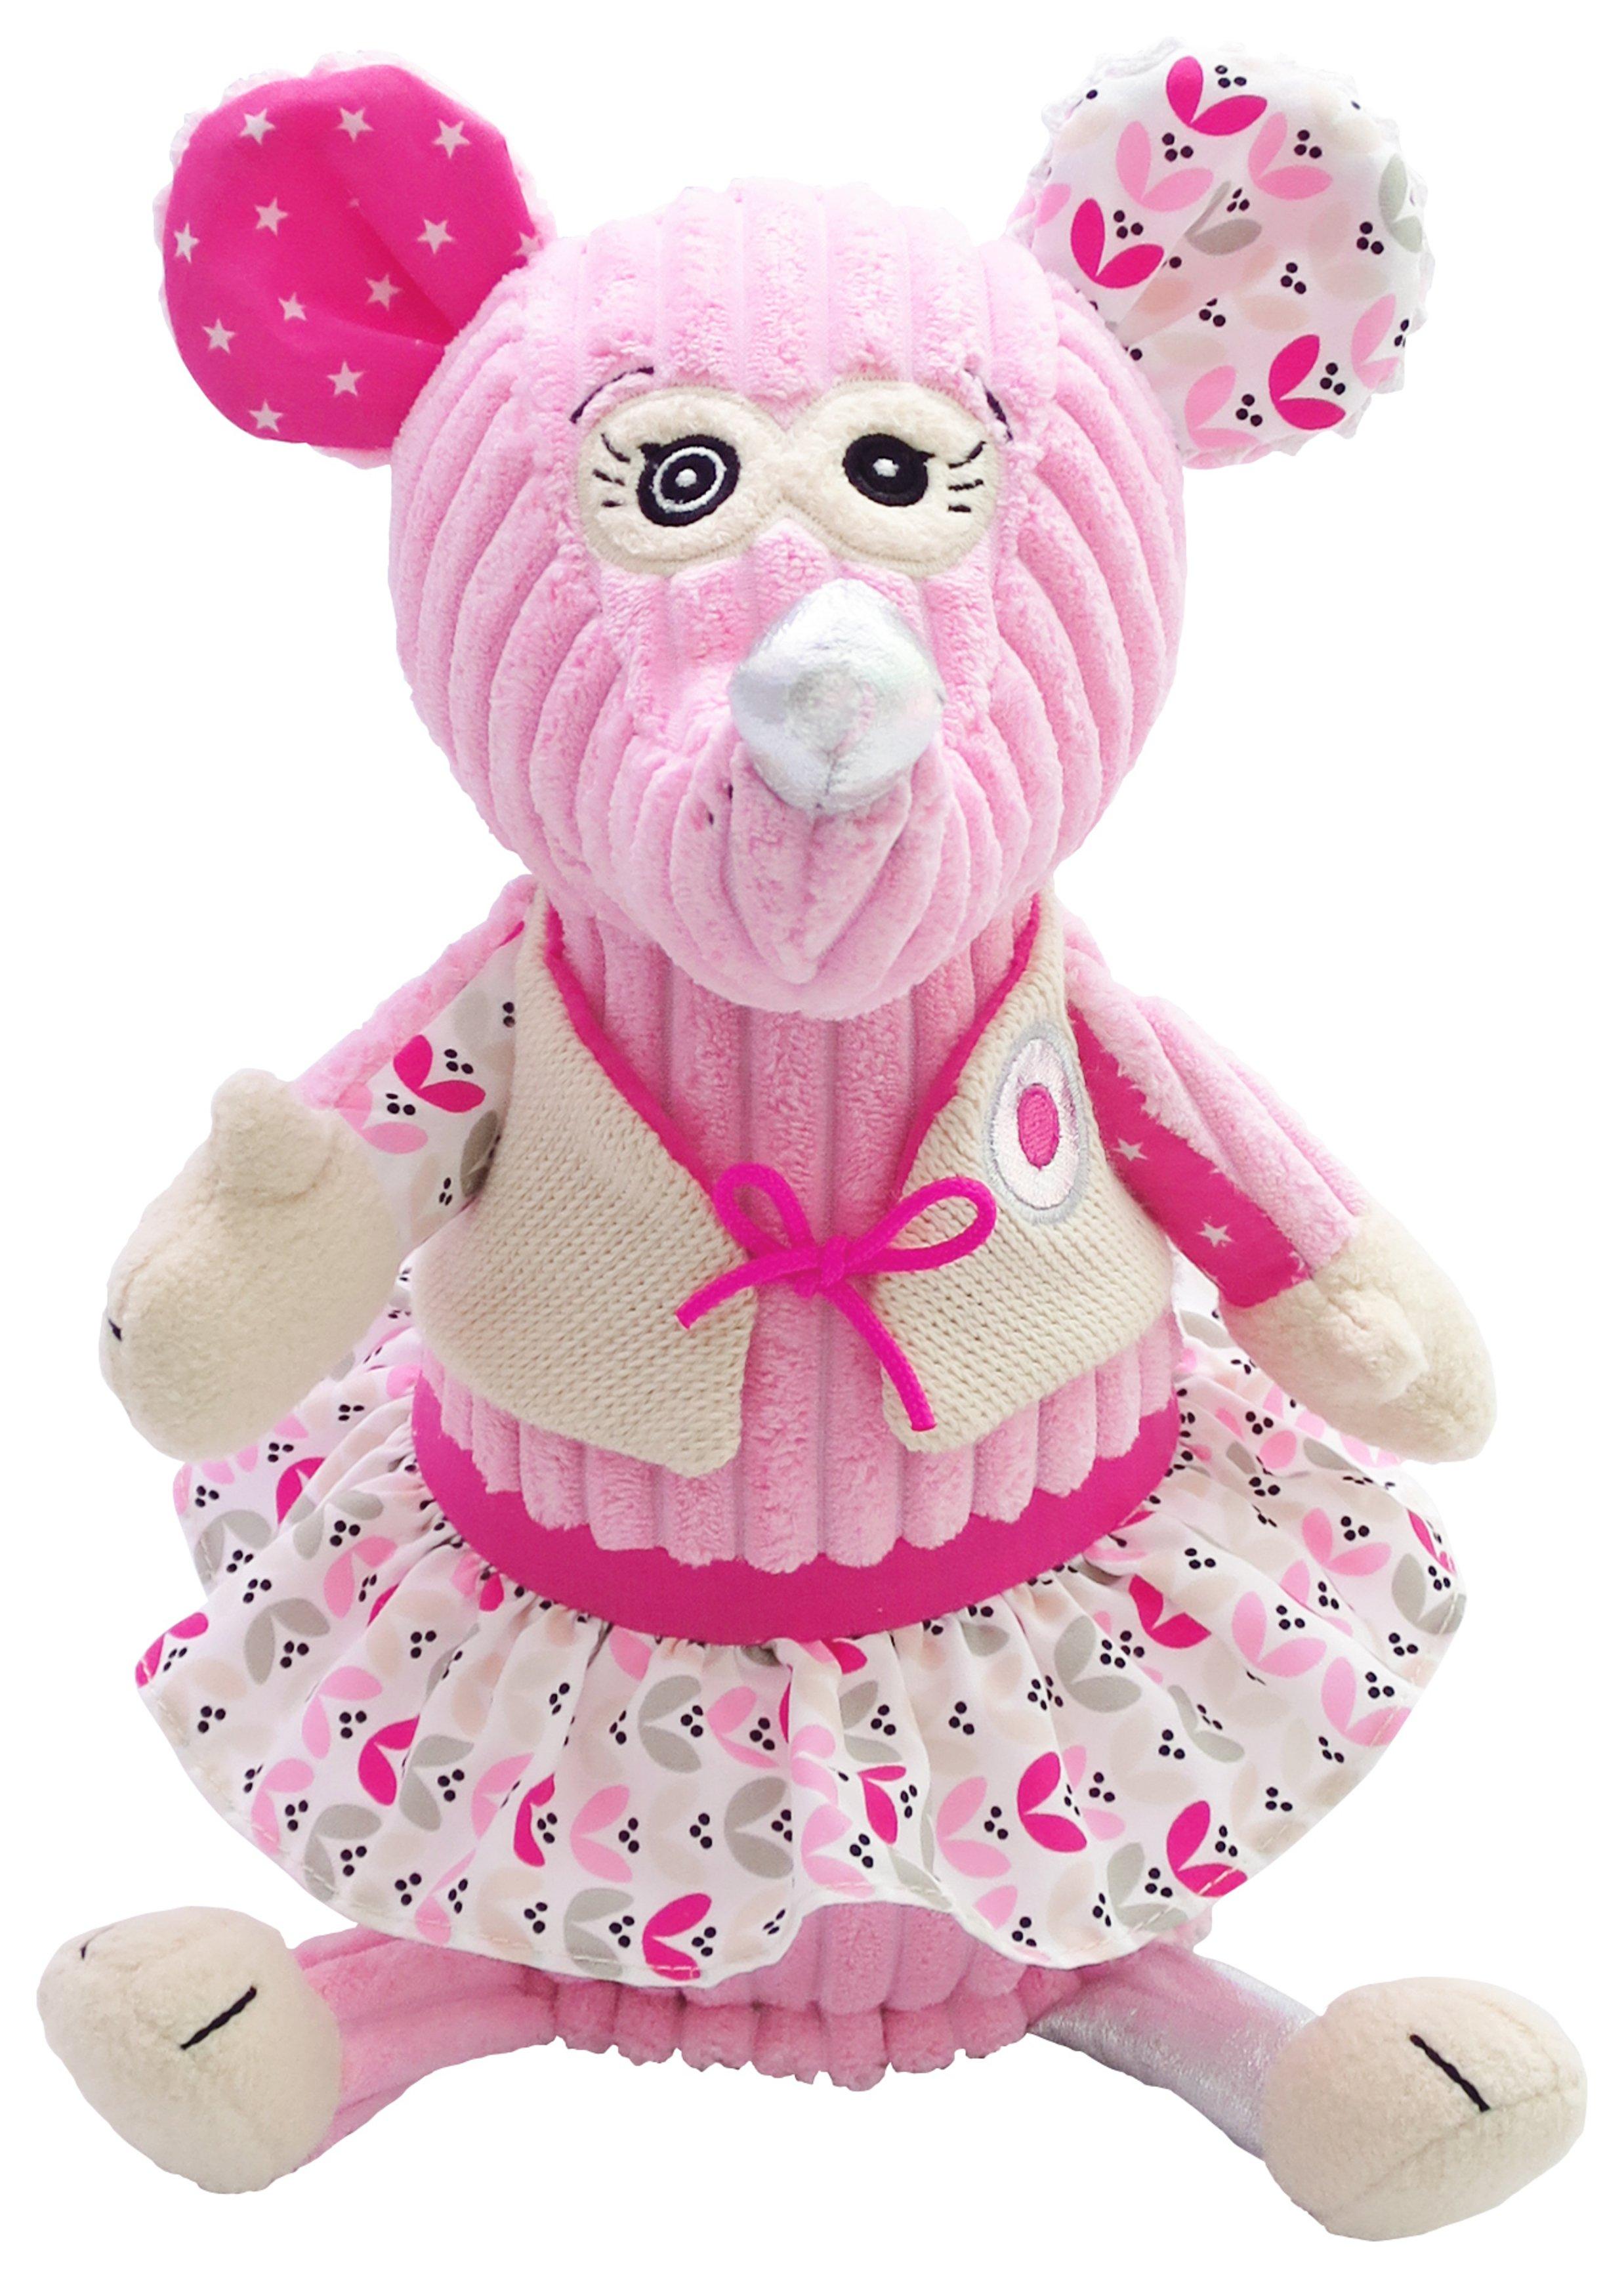 Image of Deglingos Original Mouse Soft Toy.